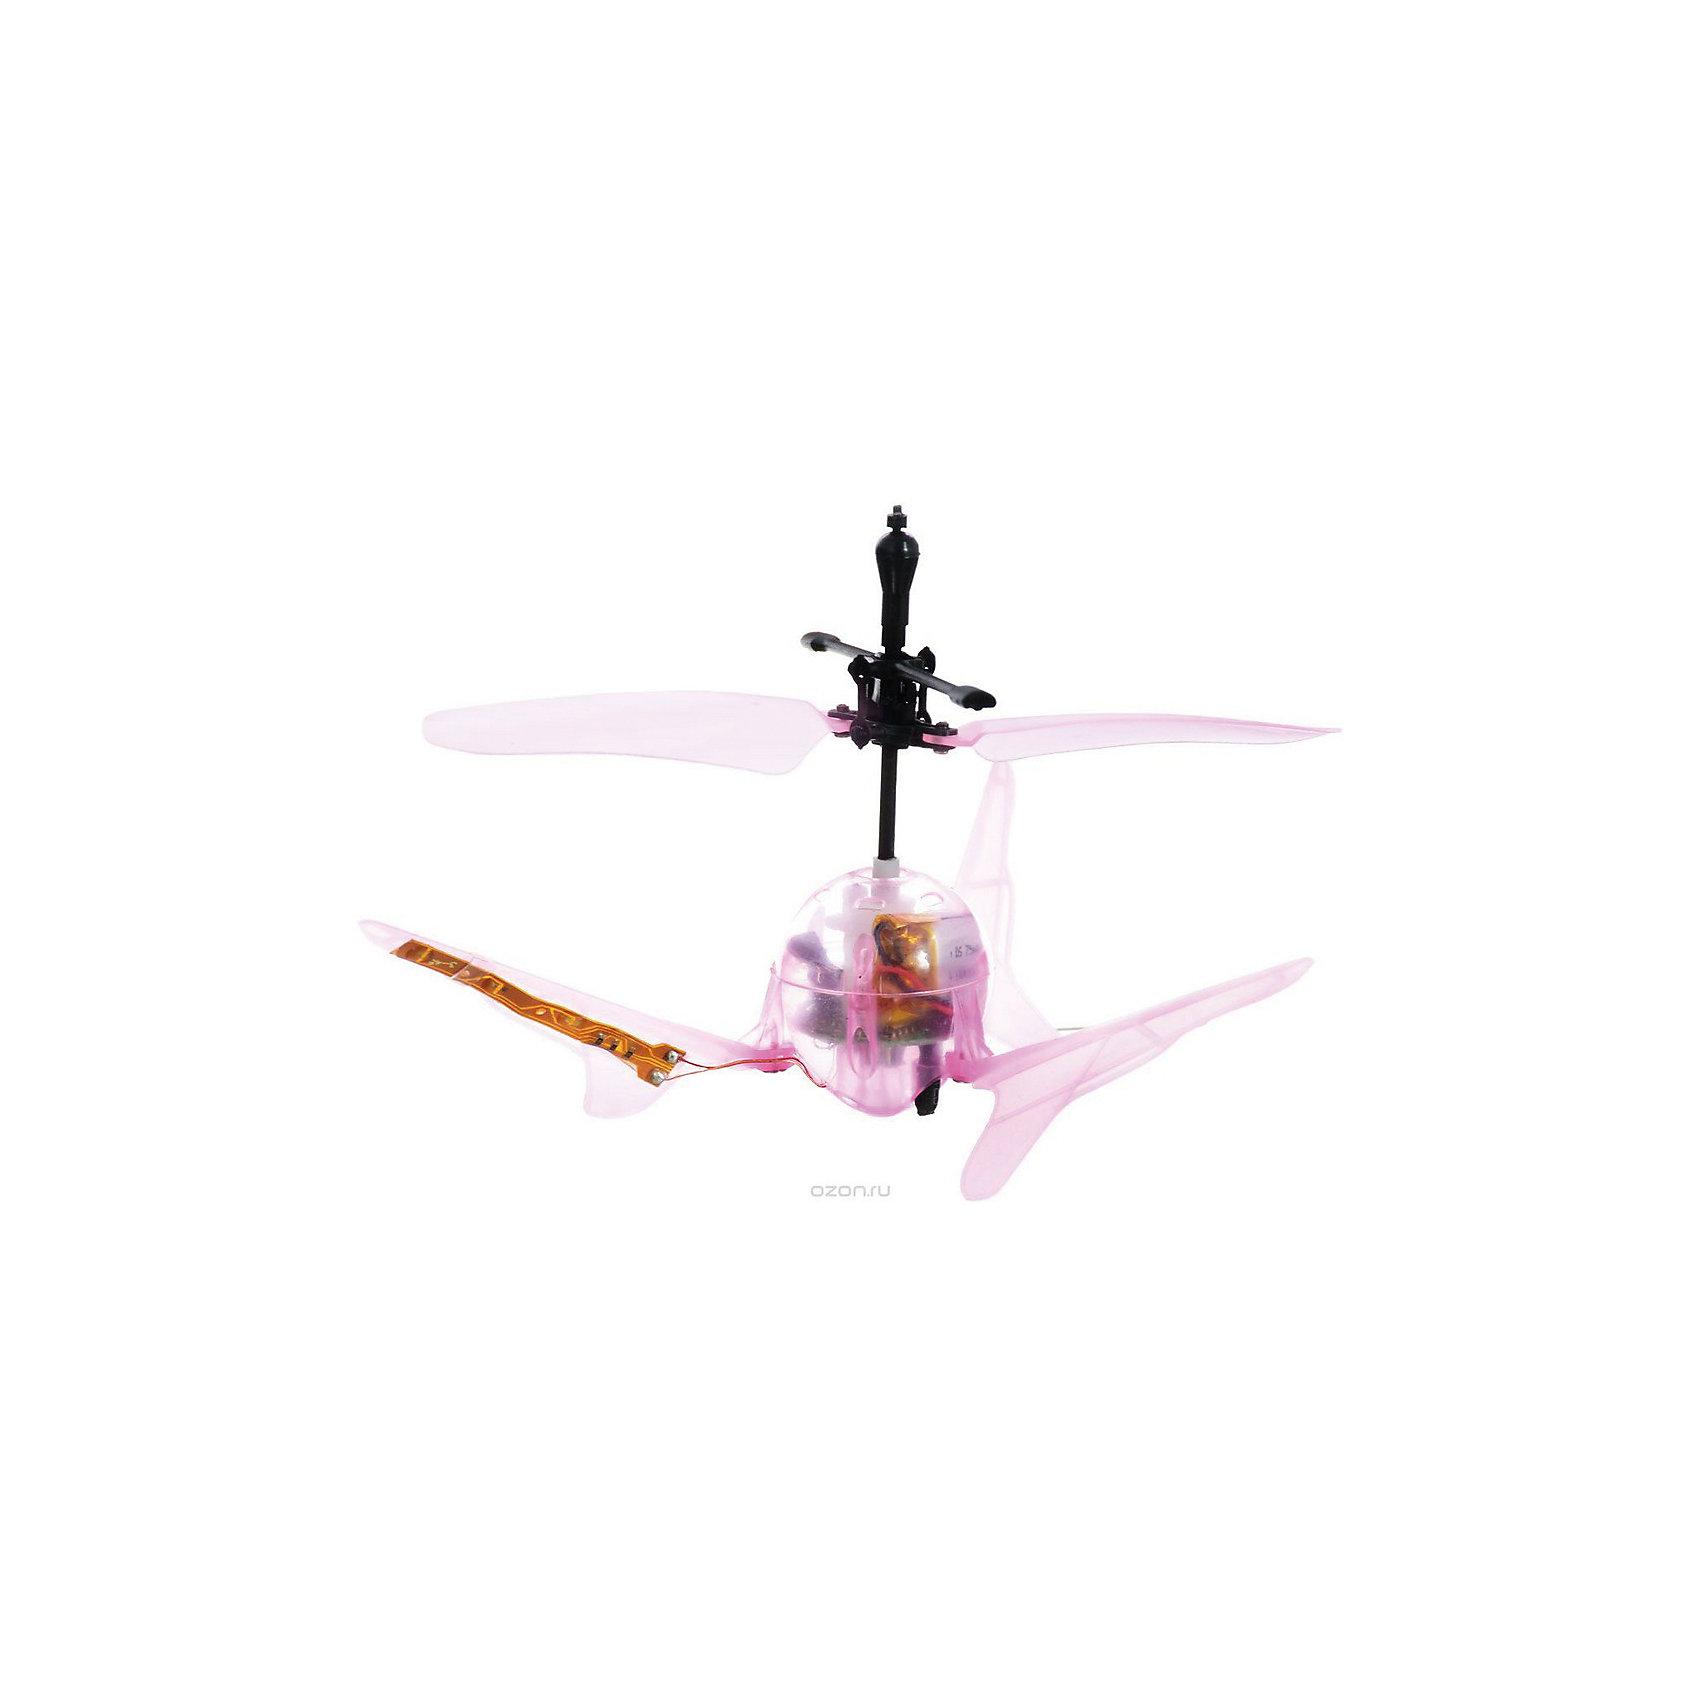 Вертолет Супер Светлячок на и/у со световыми эффектами, розовый, Властелин небесРадиоуправляемый транспорт<br>Вертолет Супер Светлячок на и/у со световыми эффектами, розовый, Властелин небес<br><br>Характеристики:<br><br>• вертолет очень похож на светлячка<br>• светится в темноте<br>• оригинальный дизайн и небольшие размеры<br>• поднимается вверх, опускается вниз и зависает в воздухе<br>• светящиеся сигнальные огни<br>• инфракрасное и сенсорное управление<br>• полная зарядка за 20 минут<br>• расстояние до пульта: 7 метров<br>• вертолет, аккумулятор 3,7V, зарядное устройство<br>• размер вертолета: 9х5х5 см<br>• материал: пластик, металл<br>• вес: 319 грамм<br>• размер упаковки: 15х29,5х16 см<br>• вес: 800 грамм<br>• батарейки для пульта: 3xAA / LR06 1.5V ( в комплекте)<br>• батарейки для зарядного устройства: 8xAA / LR06 1.5V ( в комплект не входят)<br>• цвет: розовый<br><br>Супер Светлячок - забавный вертолет на инфракрасном управлении. Своим видом он напоминает маленького светлячка. Также, подобно светлячку, вертолет светится в темноте и освещает помещение сигнальными огнями. Супер Светлячок умеет летать вверх и вниз, а также зависает в воздухе. Есть возможность выбора управления: сенсорное и ручное. Время полета составляет до 10 минут, время полной подзарядки - 20 минут. Вертолет может летать на расстоянии до 7 метров от пульта управления. Супер Светлячок очарует своими огоньками и детей, и взрослых!<br>Для работы необходимы батарейки.<br><br>Вертолет Супер Светлячок на и/у со световыми эффектами, розовый, Властелин небес можно купить в нашем интернет-магазине.<br><br>Ширина мм: 130<br>Глубина мм: 185<br>Высота мм: 155<br>Вес г: 320<br>Возраст от месяцев: 108<br>Возраст до месяцев: 2147483647<br>Пол: Мужской<br>Возраст: Детский<br>SKU: 5397088